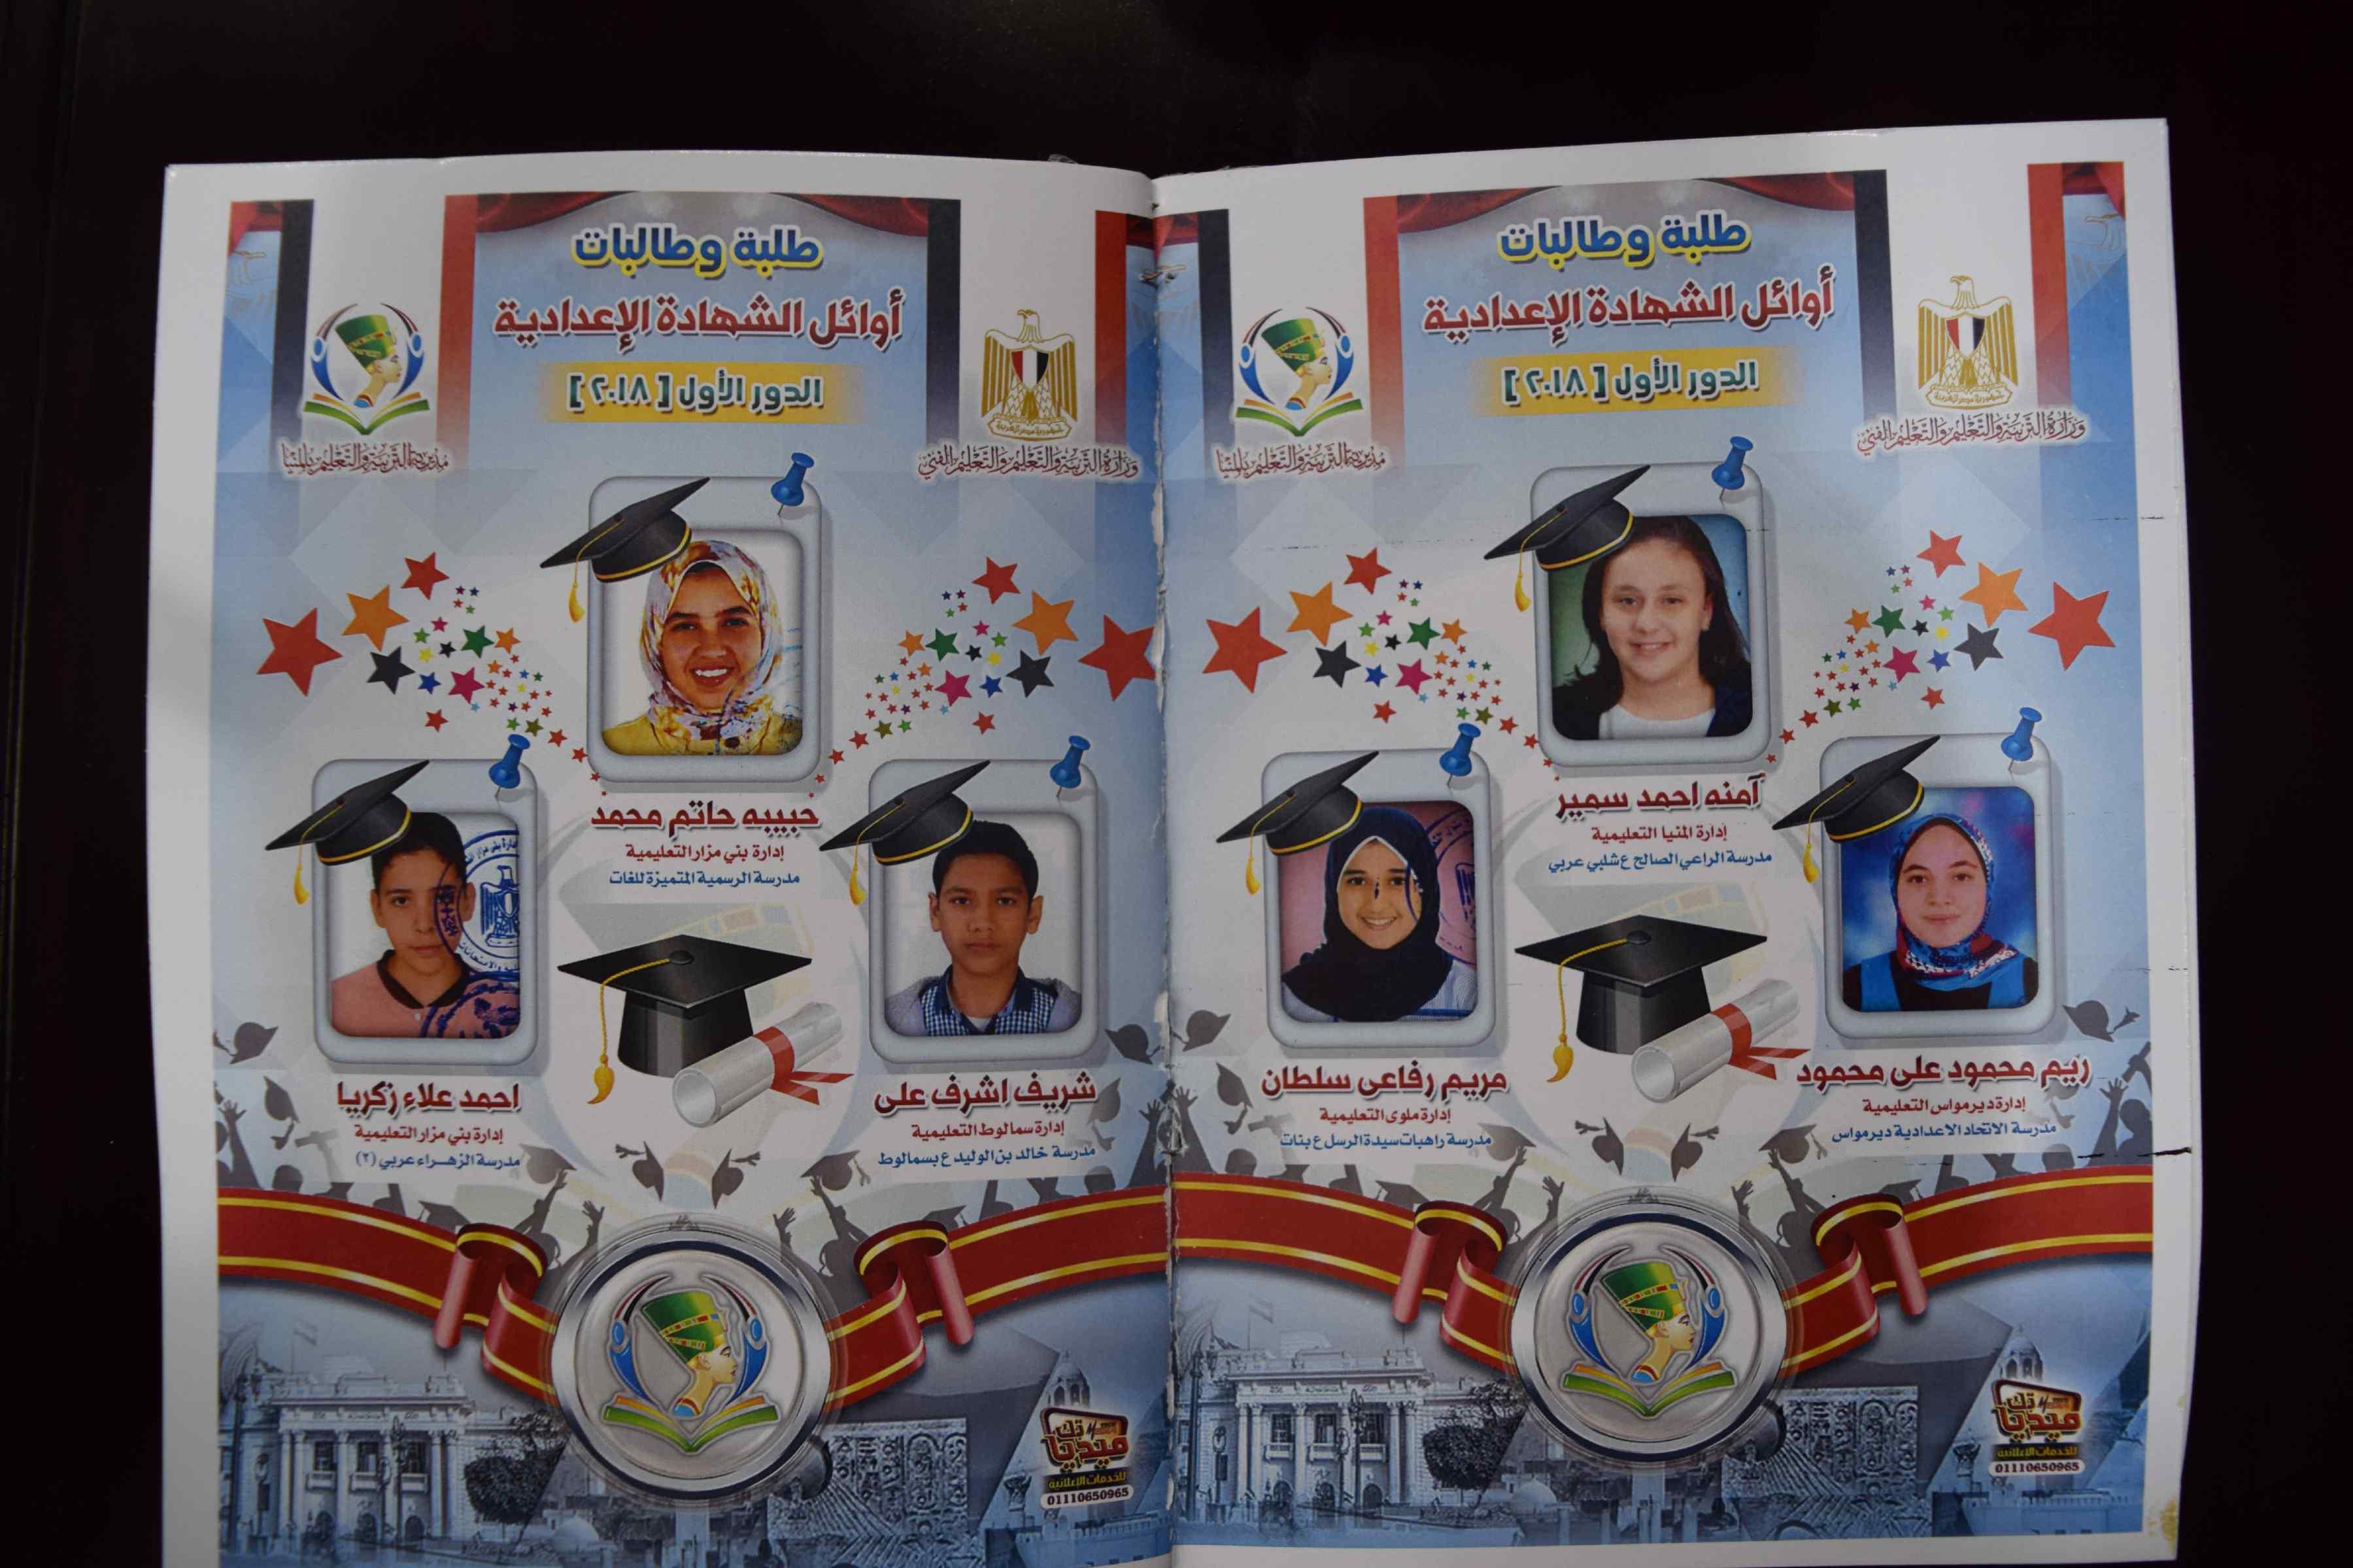 نتيجة الشهادة الابتدائية والإعدادية محافظة المنيا 2019 برقم الجلوس 1